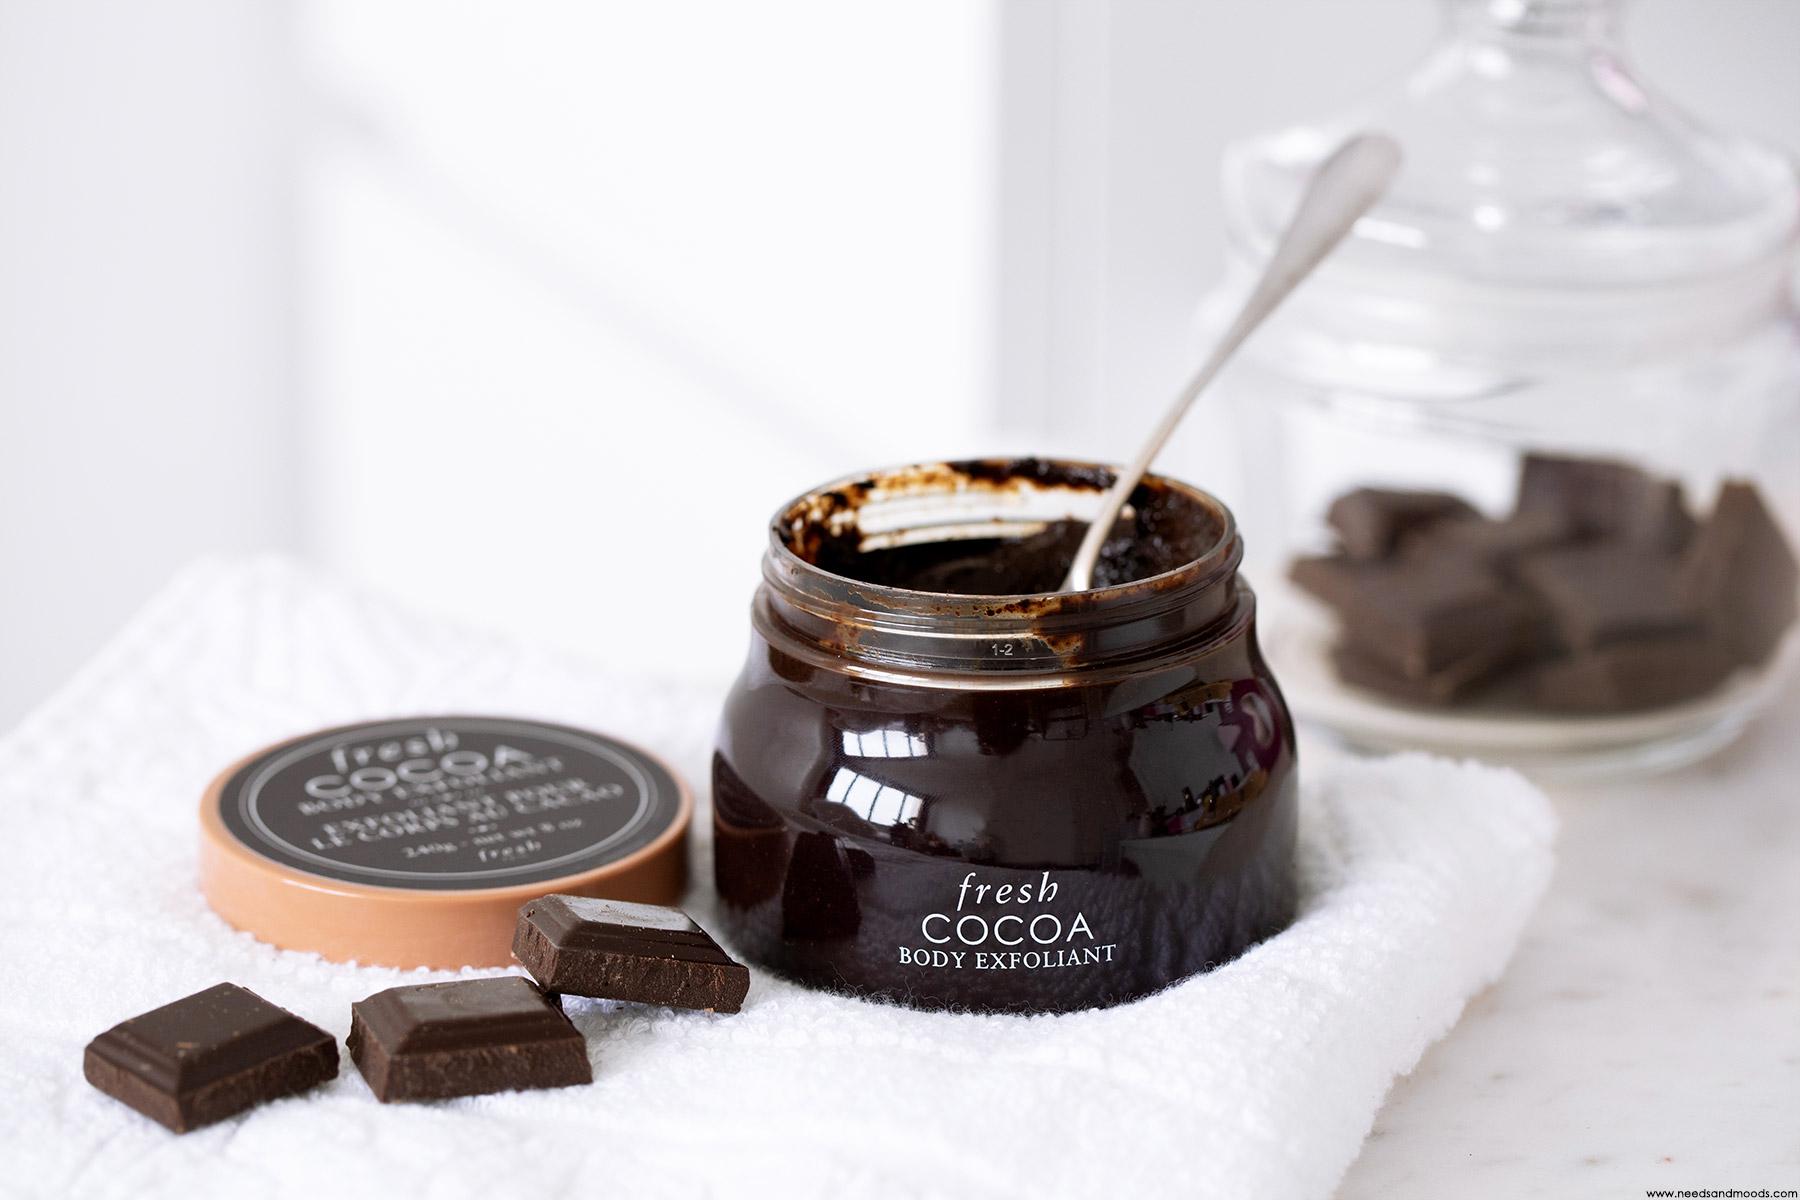 fresh beauty cocoa body exfoliant avis